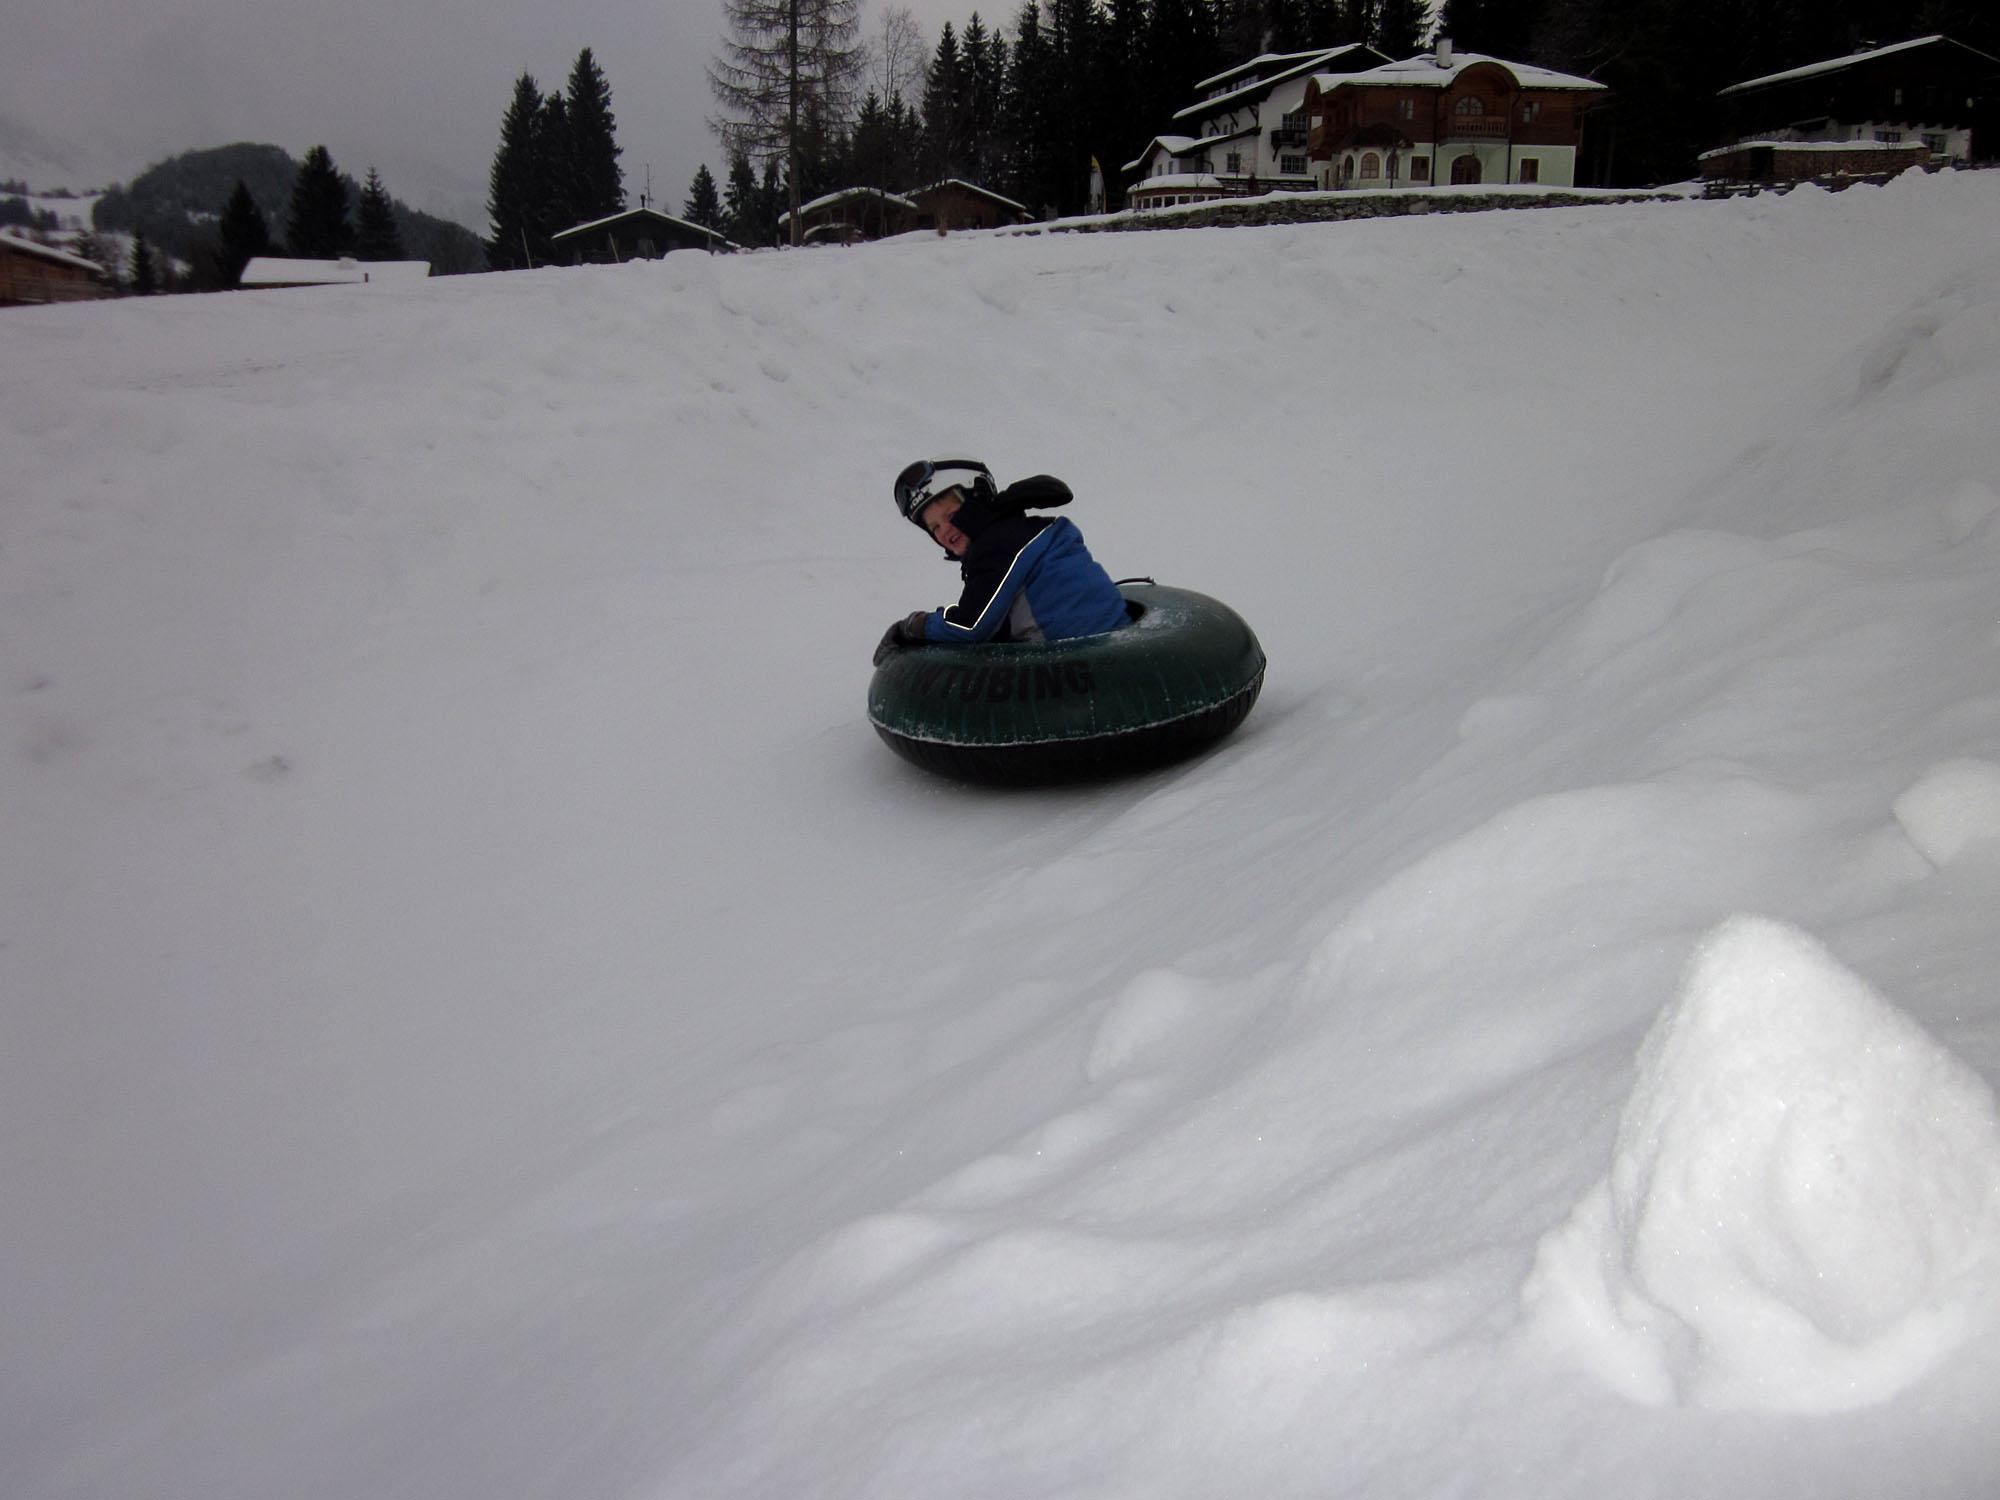 mit dem Luftreifen rasant den Schneekanal bergab